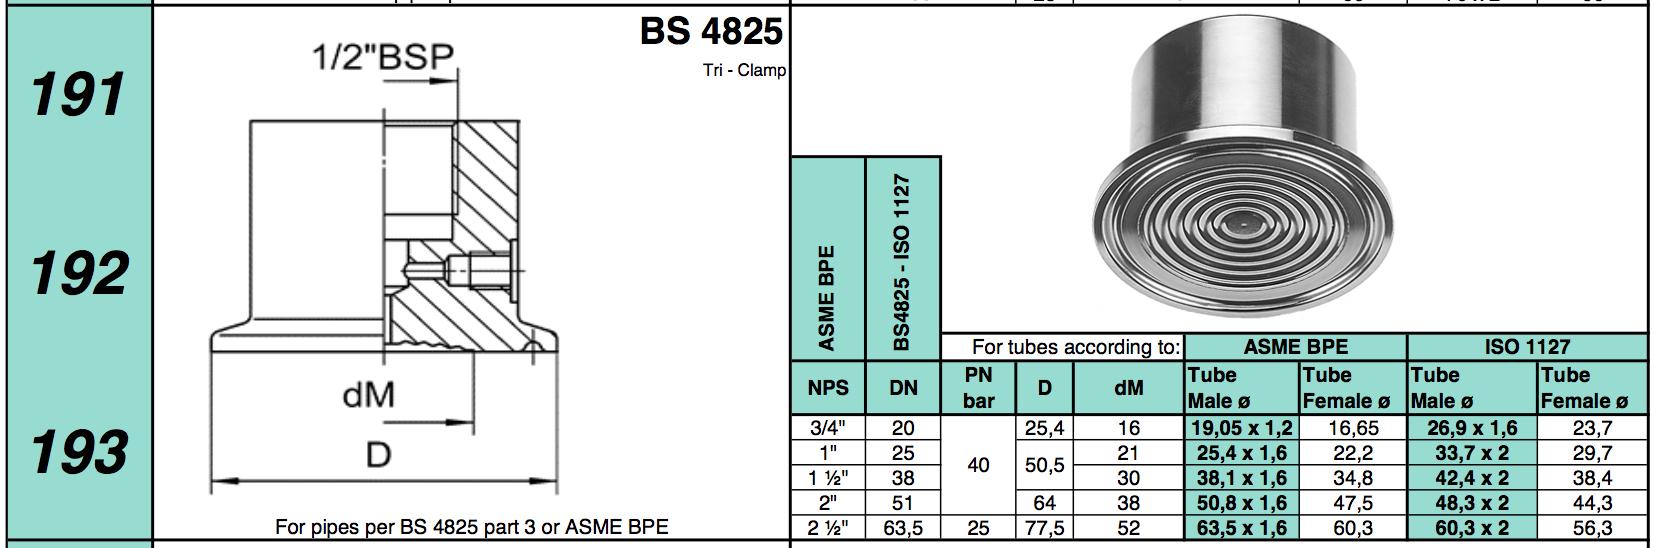 chuẩn kết nối dạng tri clamp BS 4825